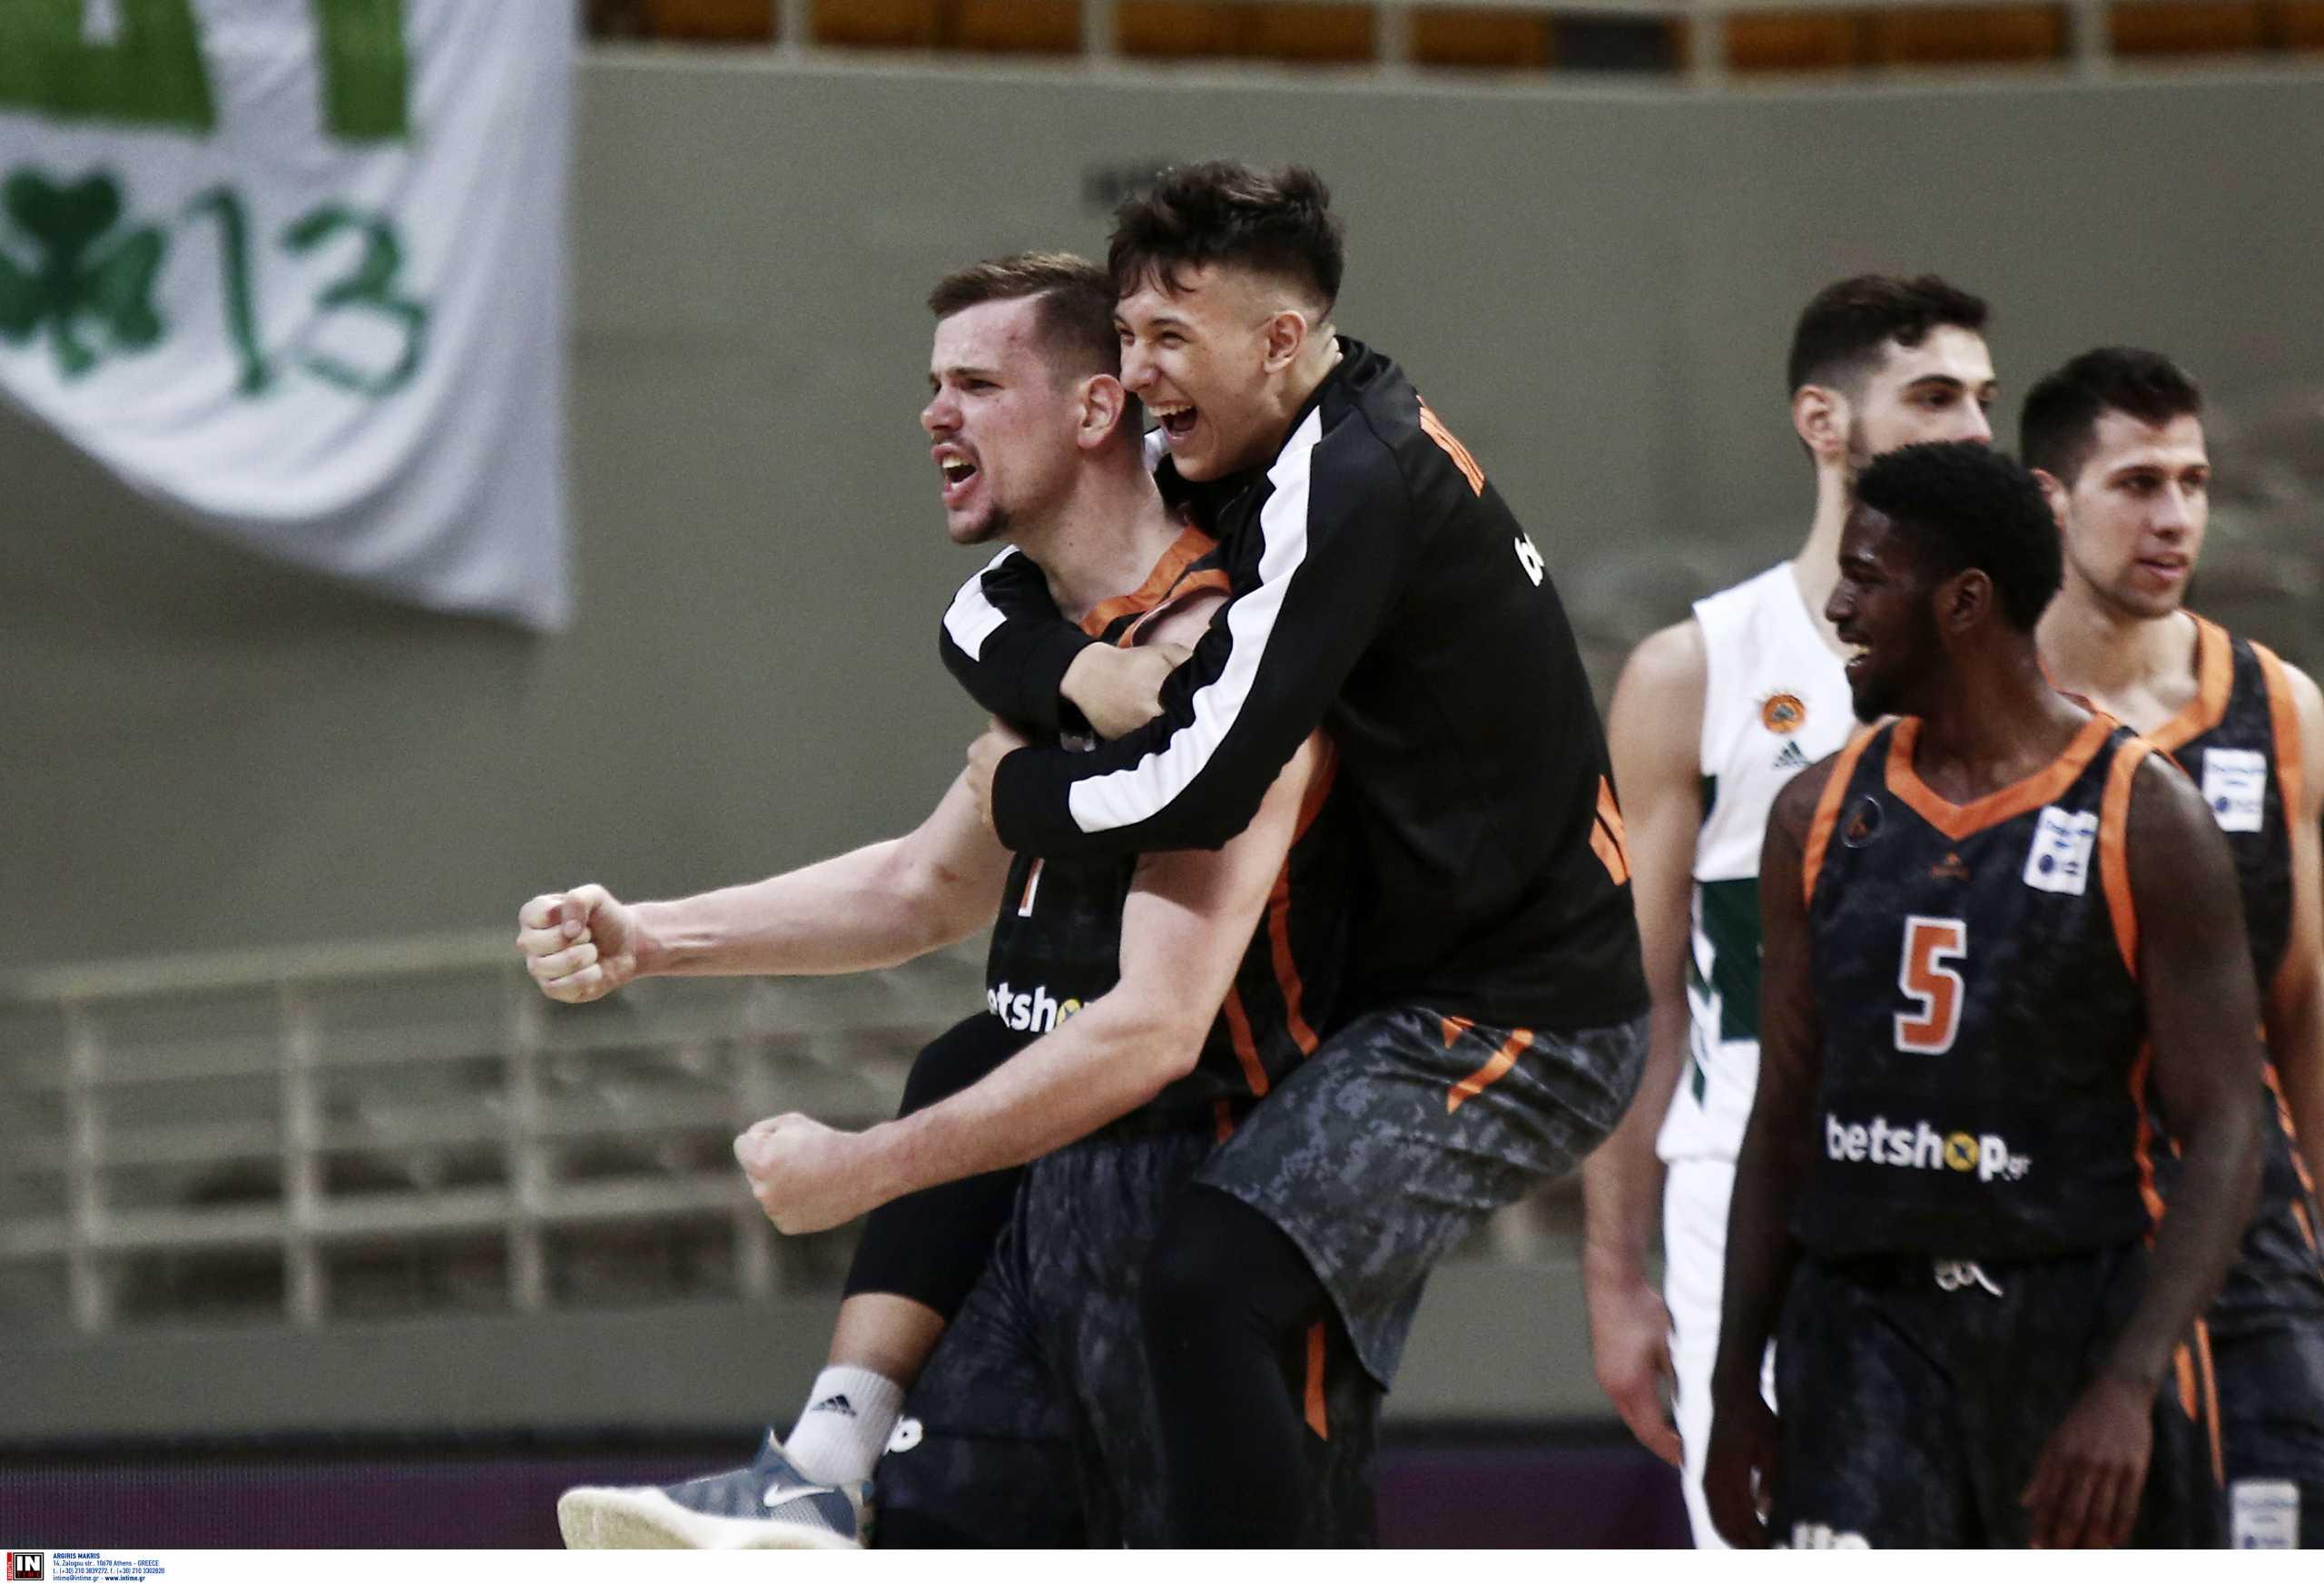 «Βόμβα» στην Basket League: Ο Προμηθέας Πάτρας «υπέταξε» τον Παναθηναϊκό με φοβερό φινάλε (video)